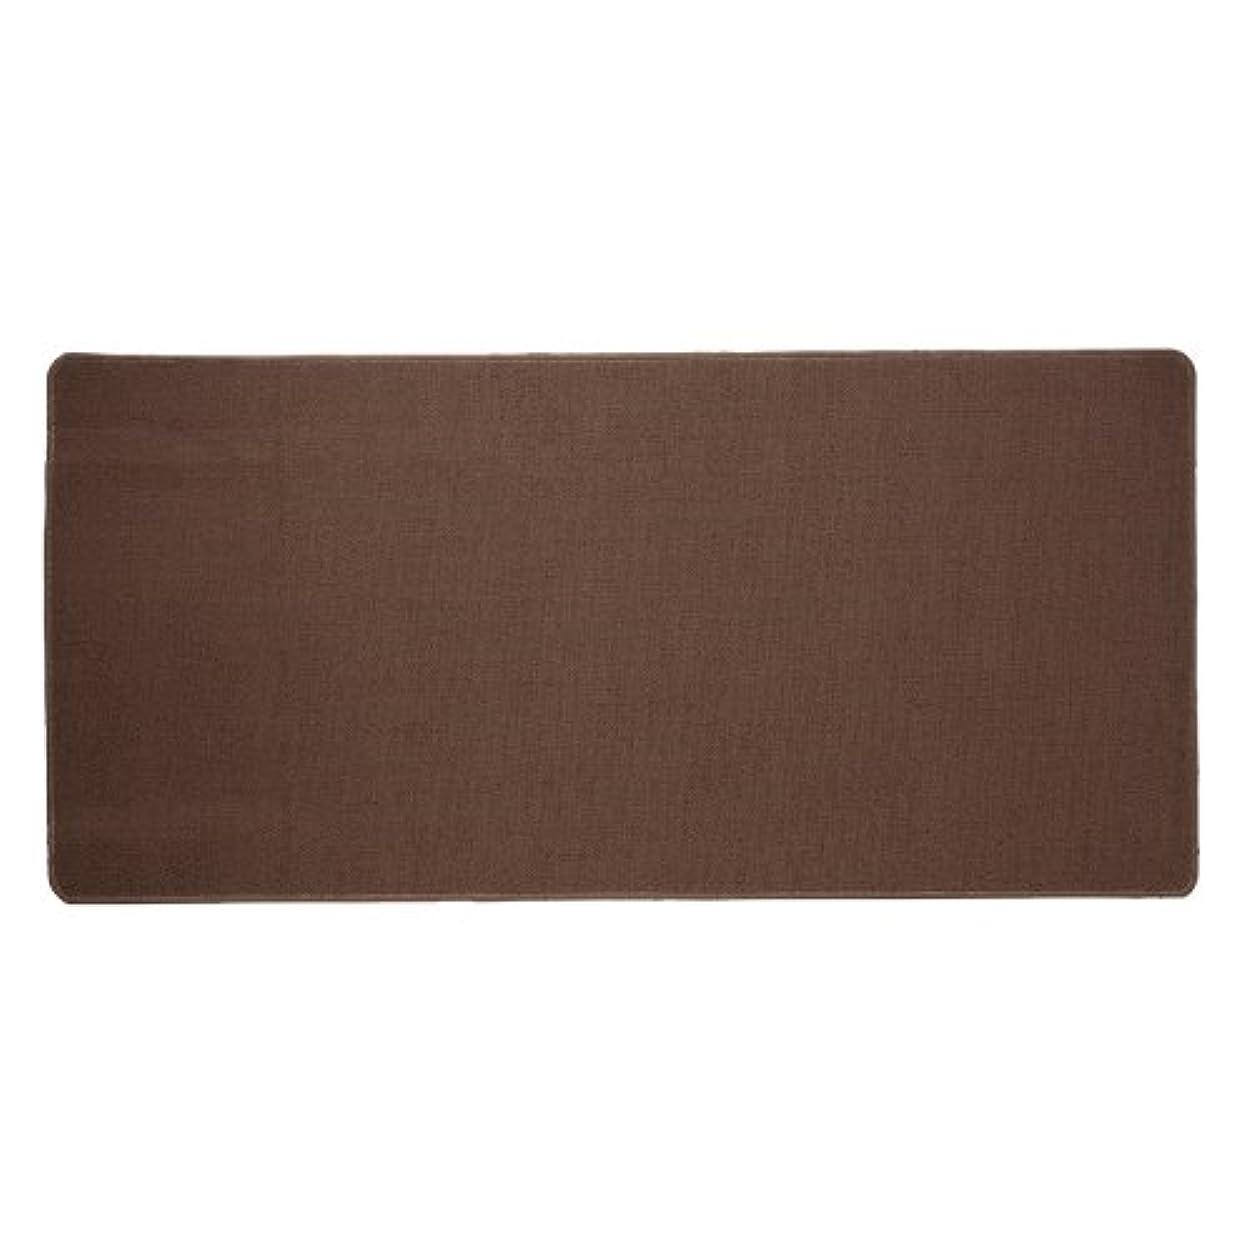 印象アレキサンダーグラハムベル対応するアクセント カーペット 一畳 80x170cm